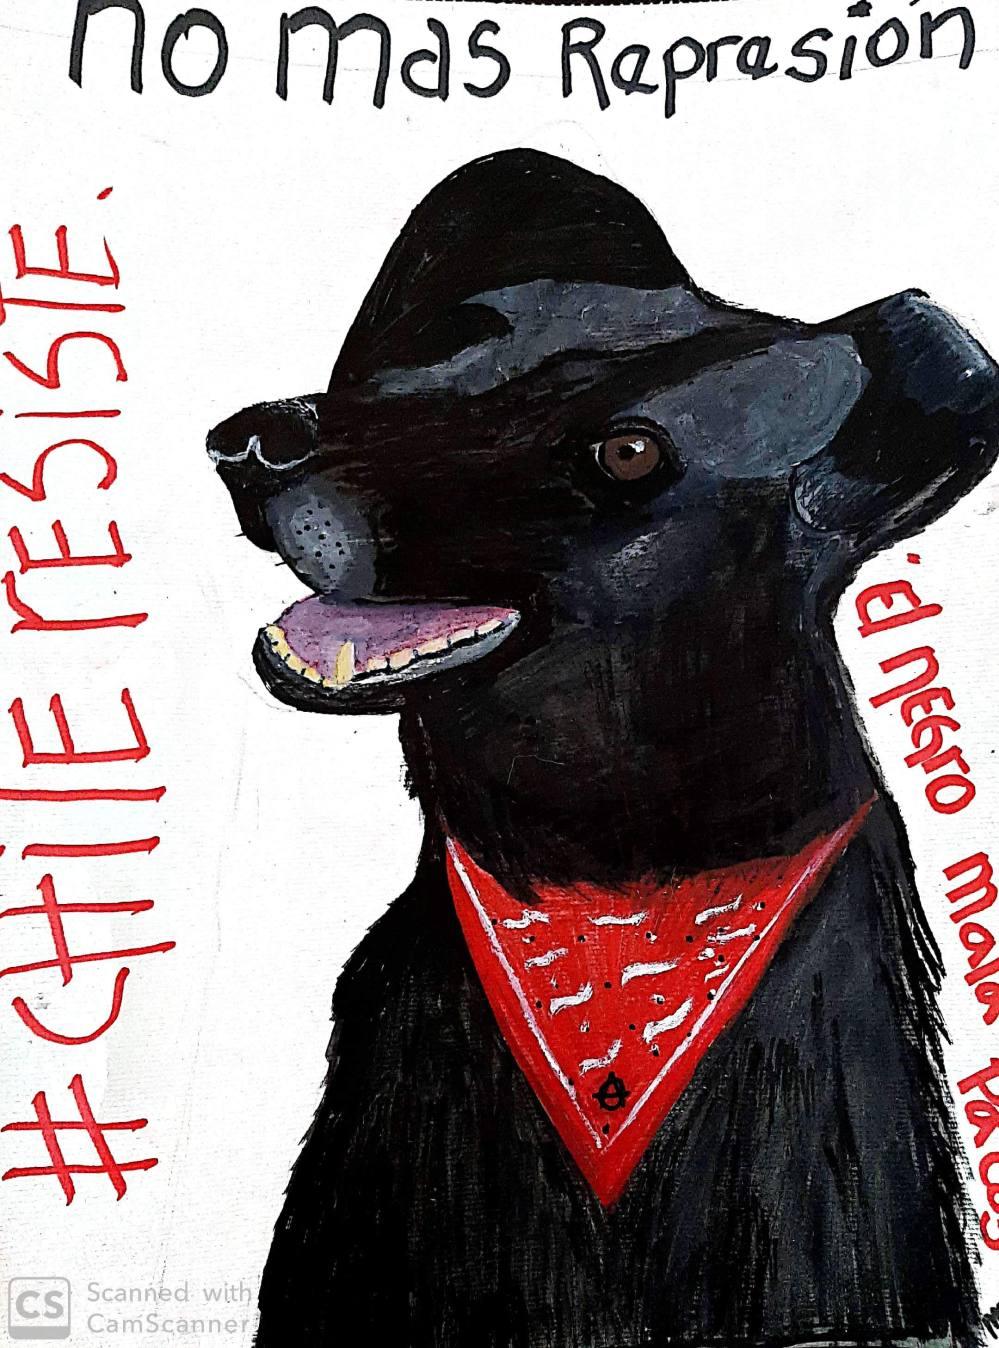 Le chien El Negro Matapacos est devenu l'icône des révolutions et des révoltes dans le monde.